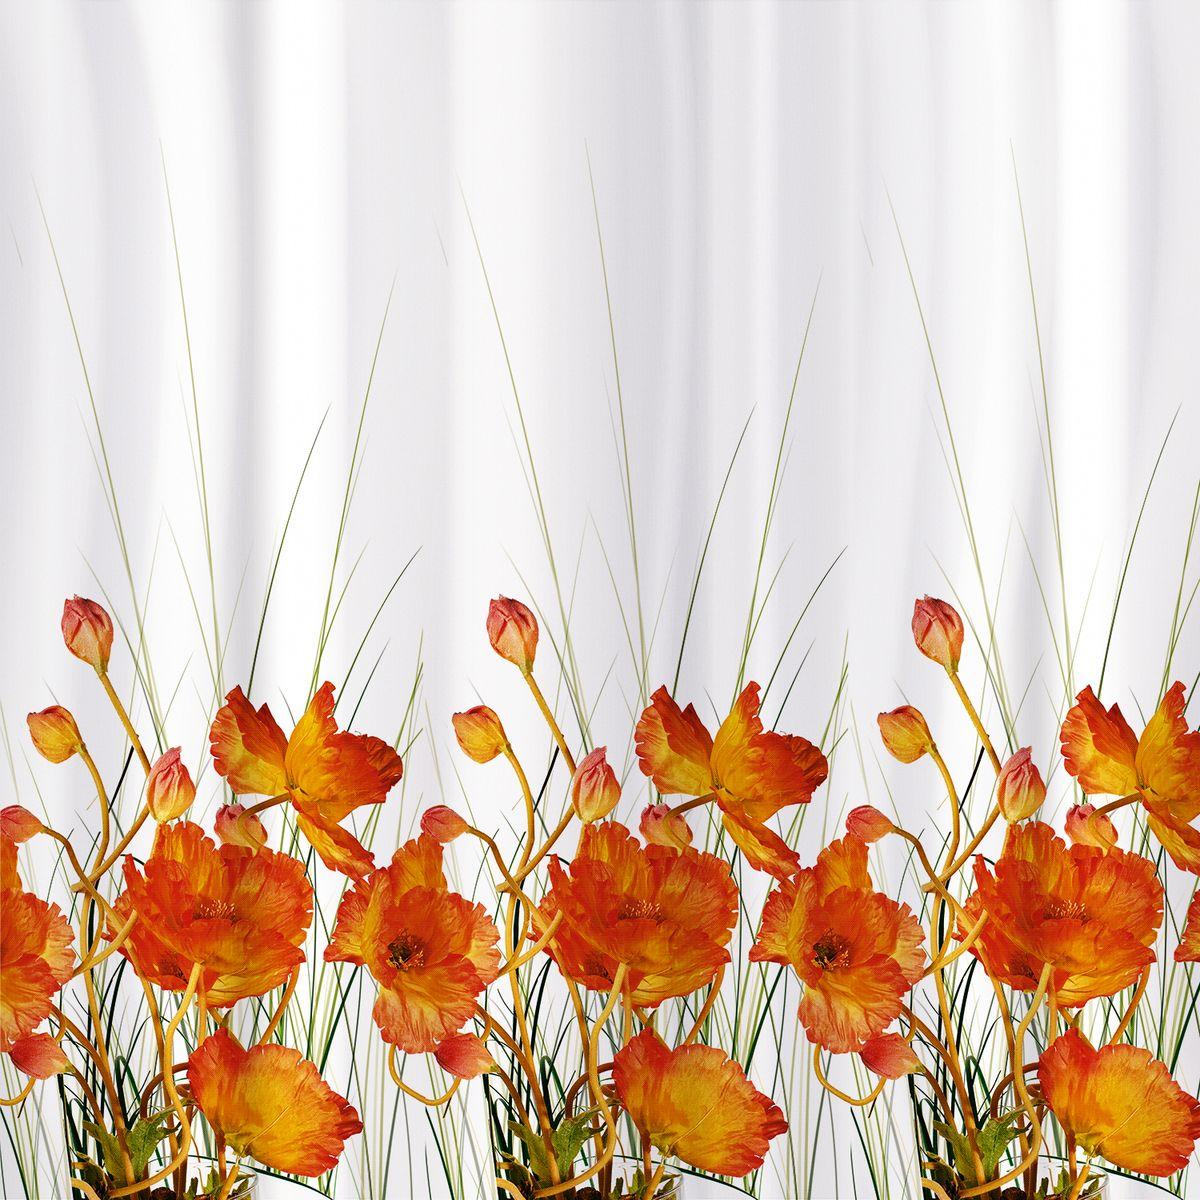 Штора для ванной Tatkraft French Poppies Textile, цвет: белый, оранжевый, 180 х 180 см80653Штора для ванной Tatkraft French Poppies Textile имеет специальную водоотталкивающую пропитку и антигрибковое покрытие. Штора быстро сохнет, легко моется и обладает повышенной износостойкостью. Штора оснащена магнитами-утяжелителями для лучшей фиксации. Мягкая и приятная на ощупь штора для ванной Tatkraft порадует вас своим ярким дизайном и добавит уюта в ванную комнату.